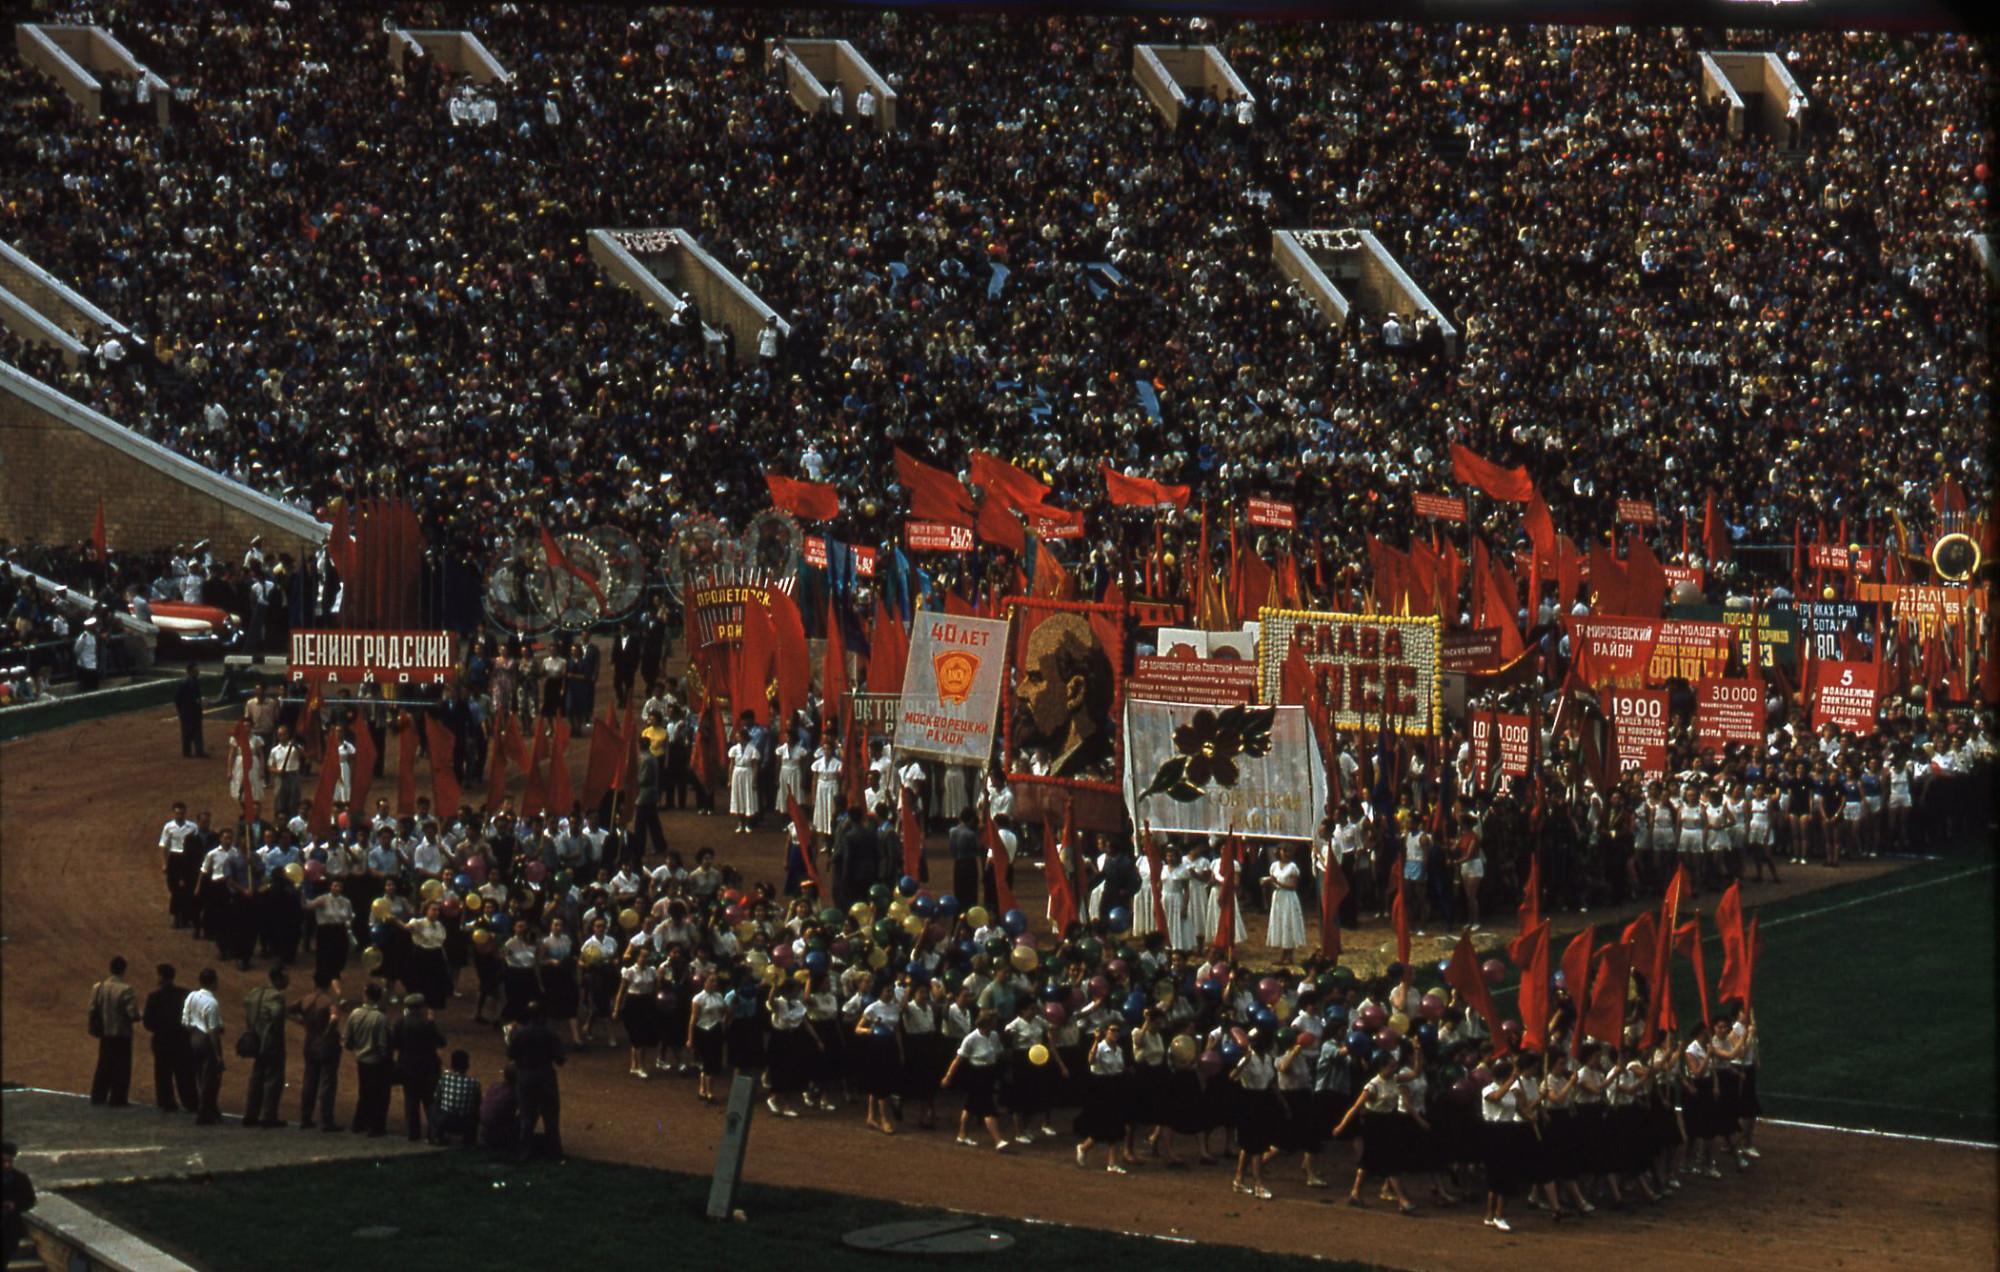 29 июня 1958 года в СССР впервые был отпразднован день Советской молодежи. Парад молодёжи на стадионе в Лужниках